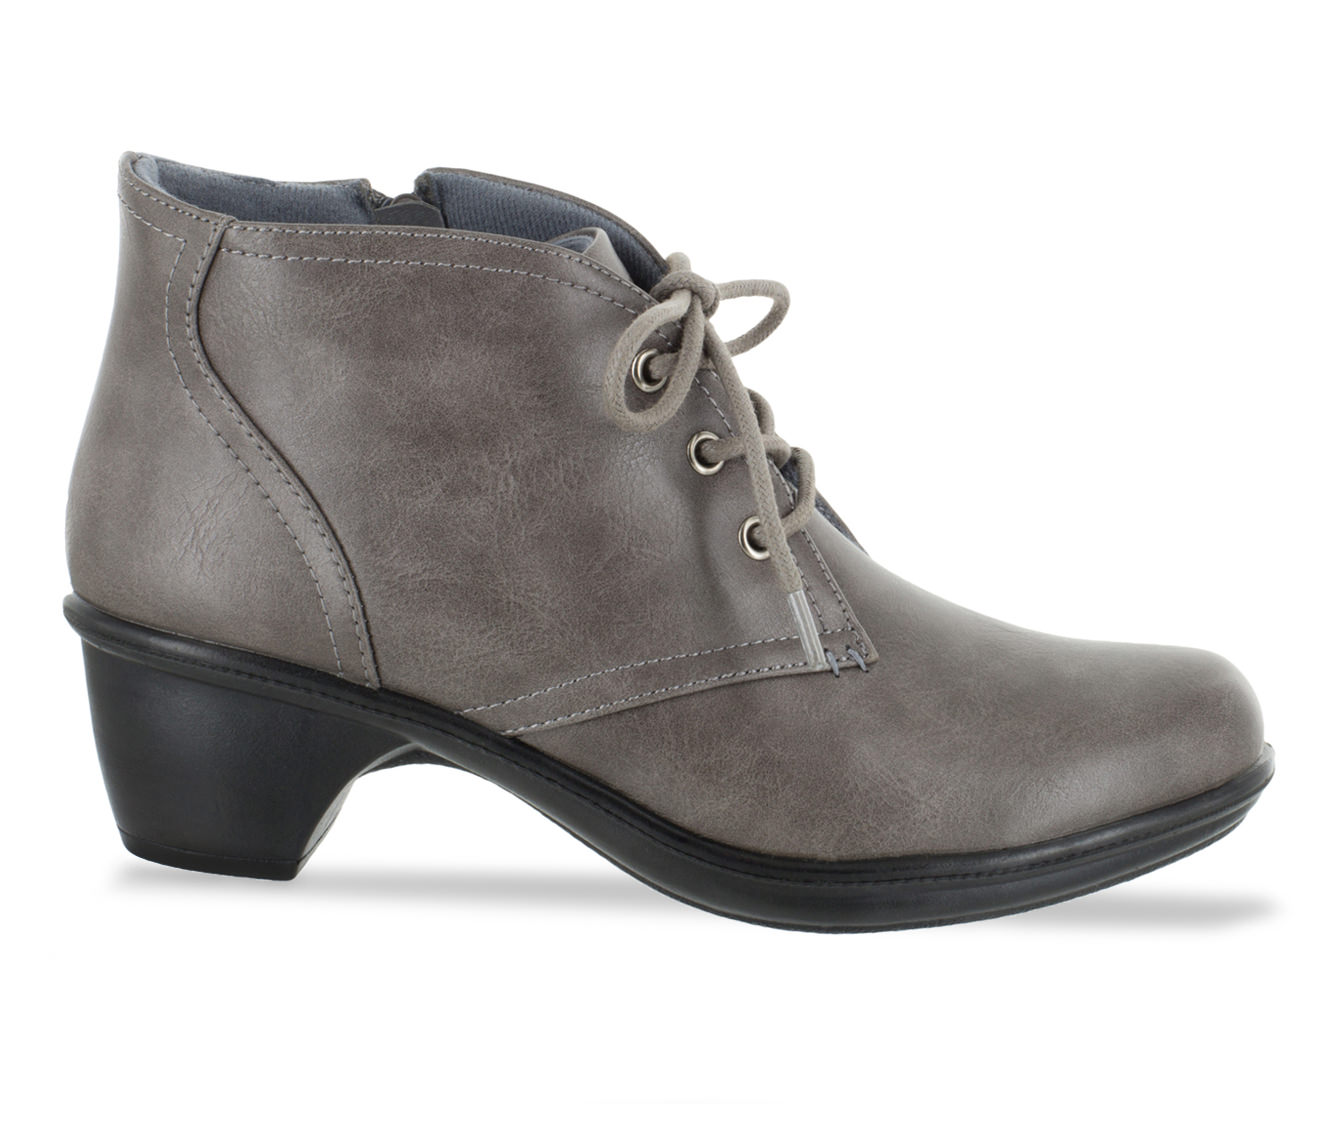 Easy Street Debbie Women's Shoe (Gray Faux Leather)